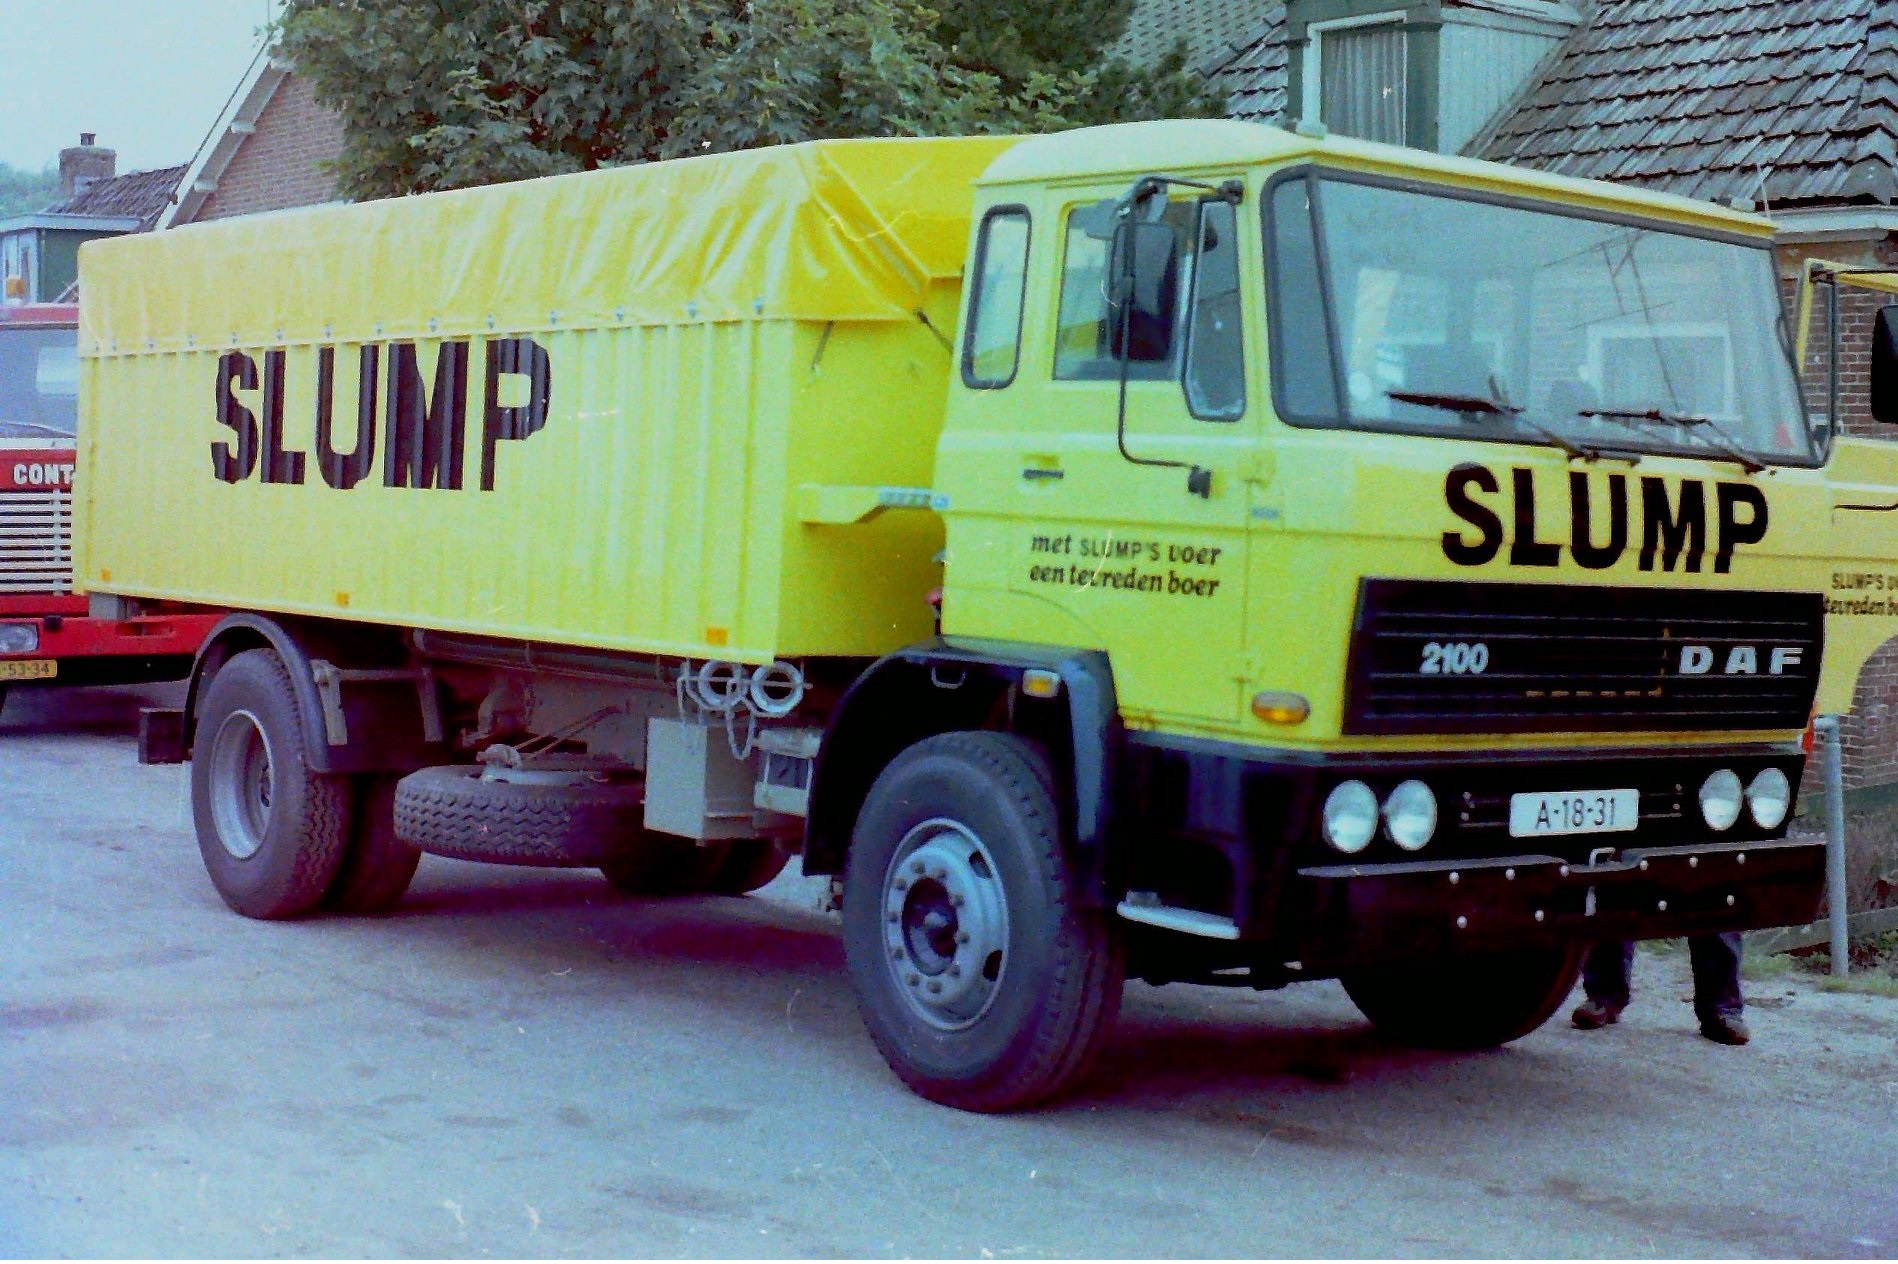 Deze-bulkauto-is-gebouwd-door-Rondaan-voor-veevoederfabriek-Slump-in-Stroobos-2